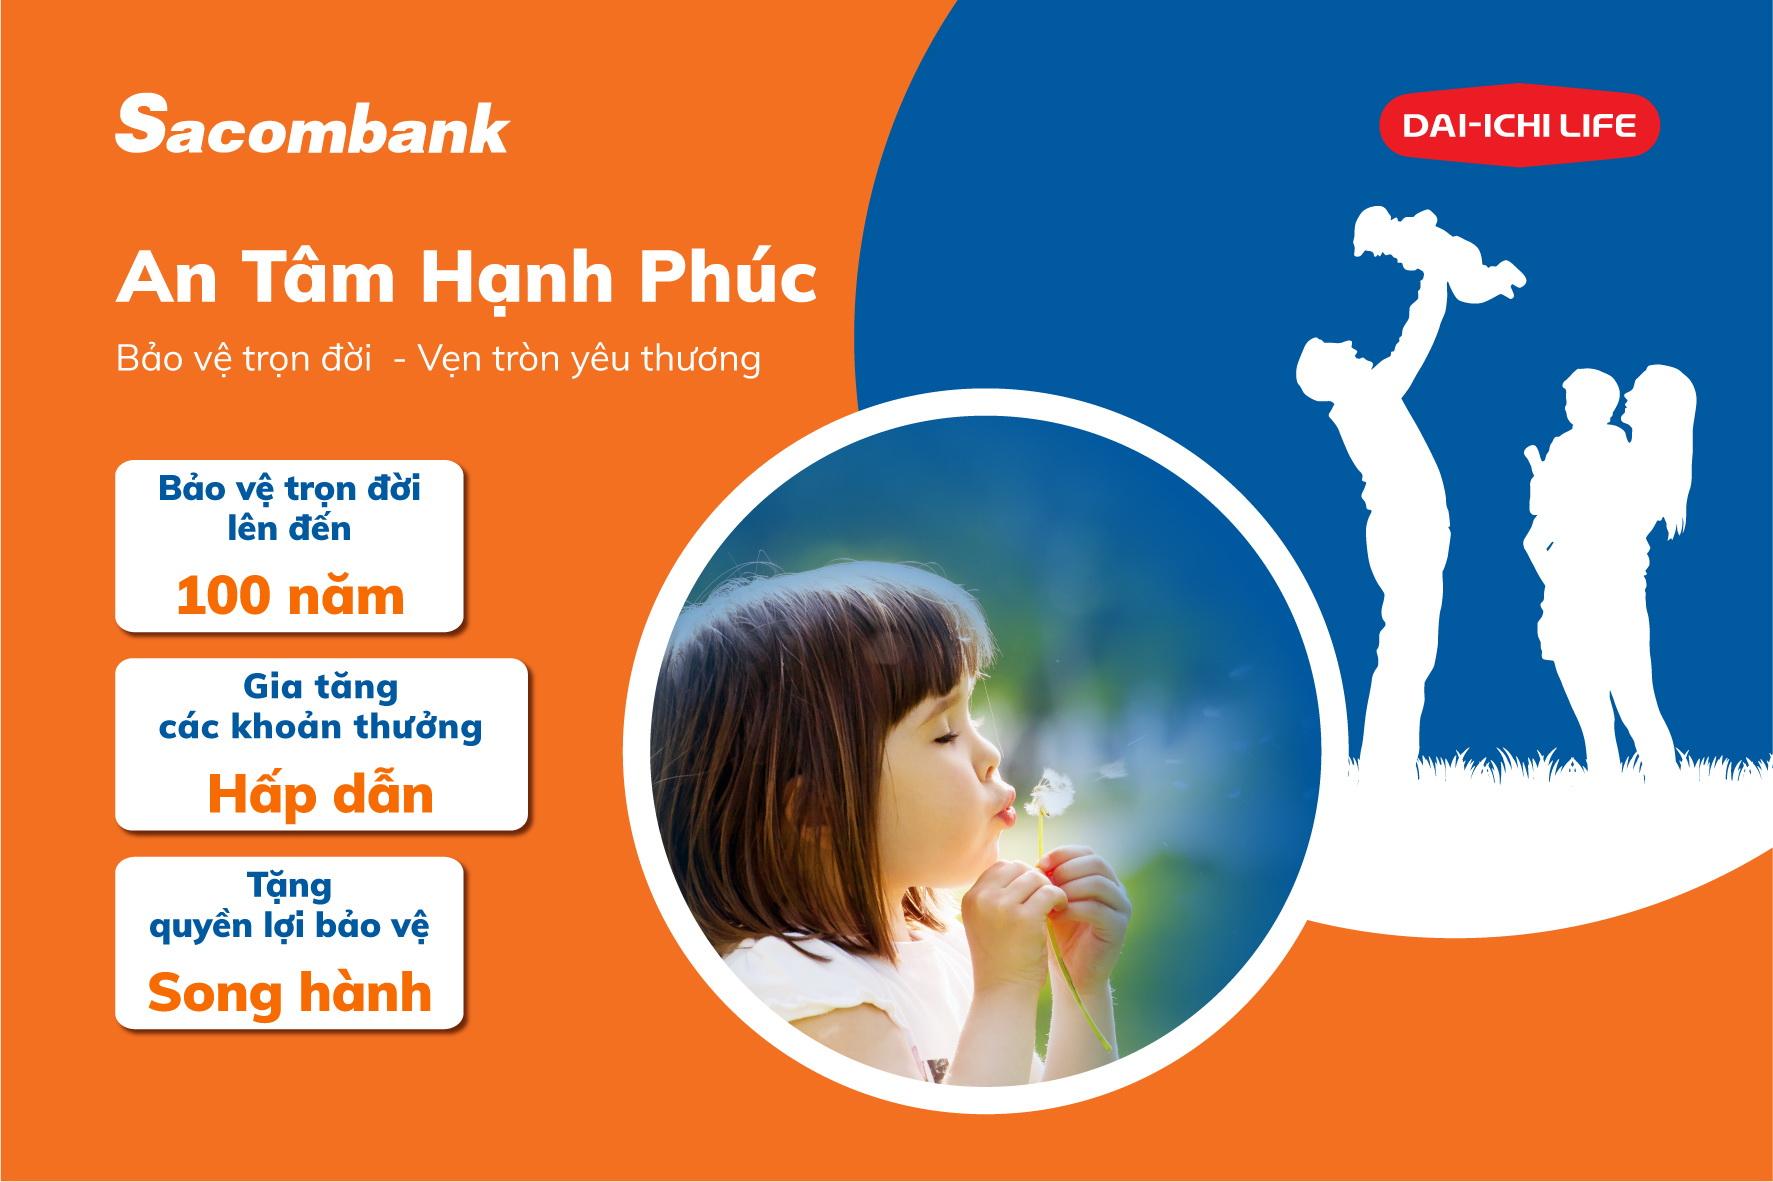 Kỷ niệm 4 năm hợp tác, Sacombank và Dai-ichi Life Việt Nam ra mắt 2 sản phẩm mới hiện đại - Ảnh 1.